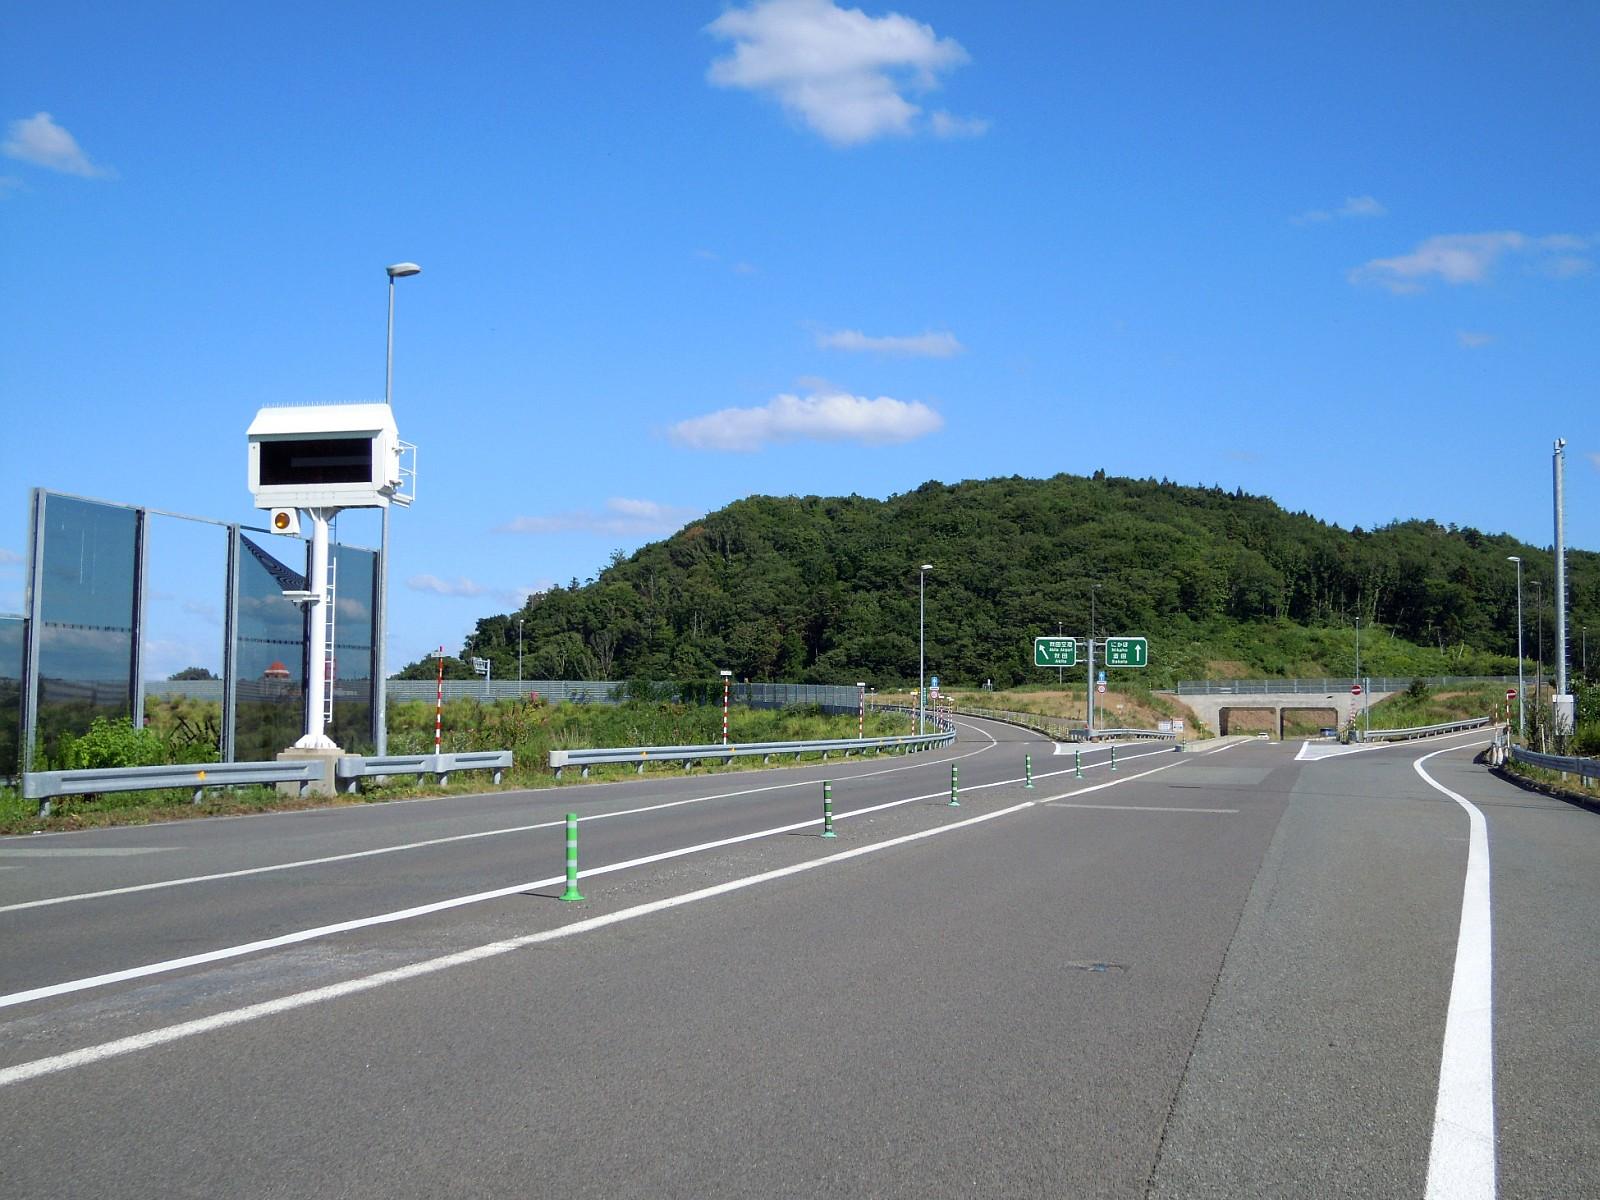 About: 岩城インターチェンジ